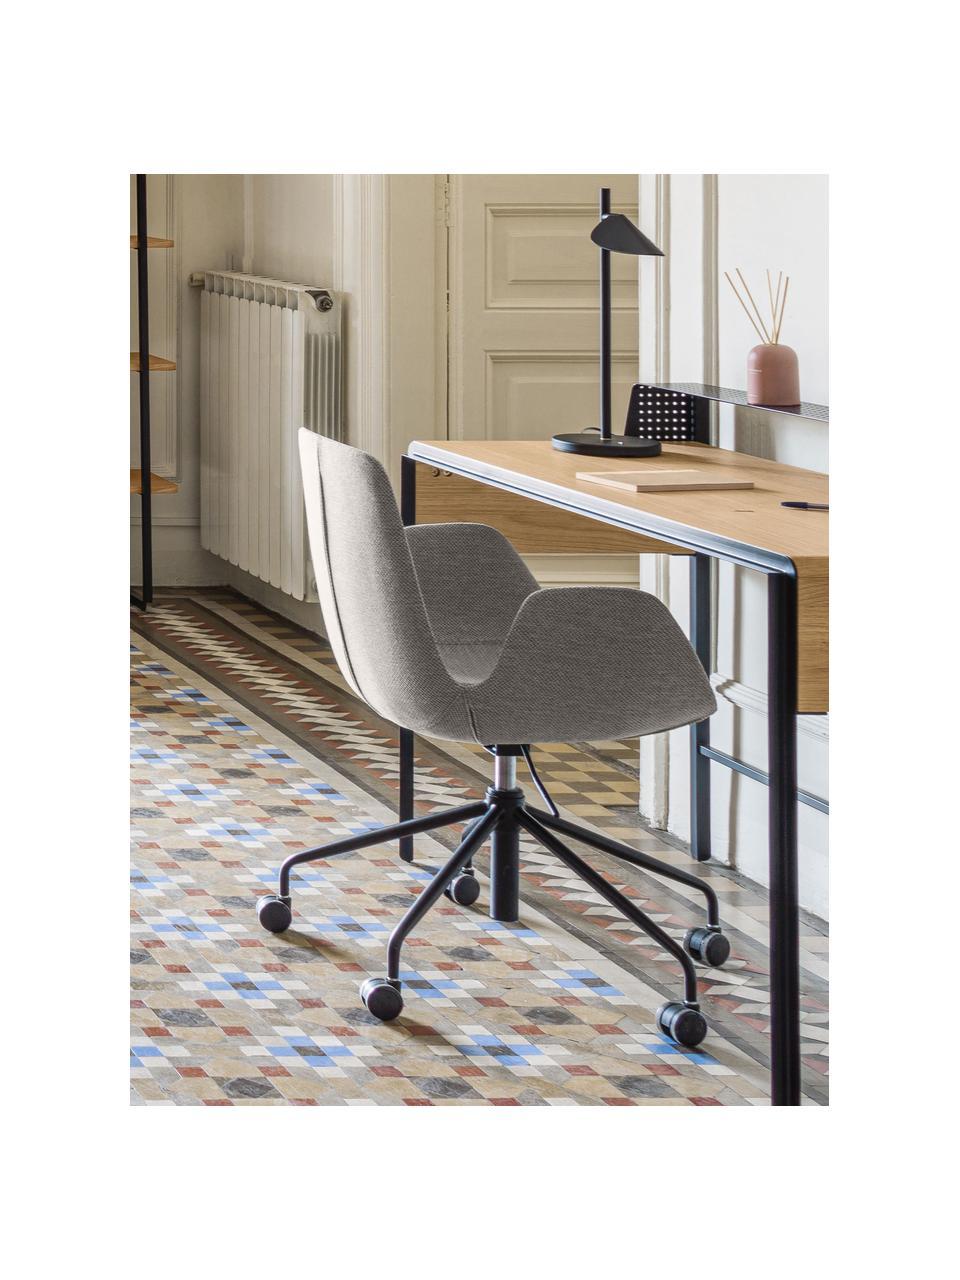 Polster-Bürodrehstuhl Yolanda, höhenverstellbar, Bezug: Polyester, Gestell: Stahl, beschichtet, Grau, Schwarz, B 66 x T 72 cm